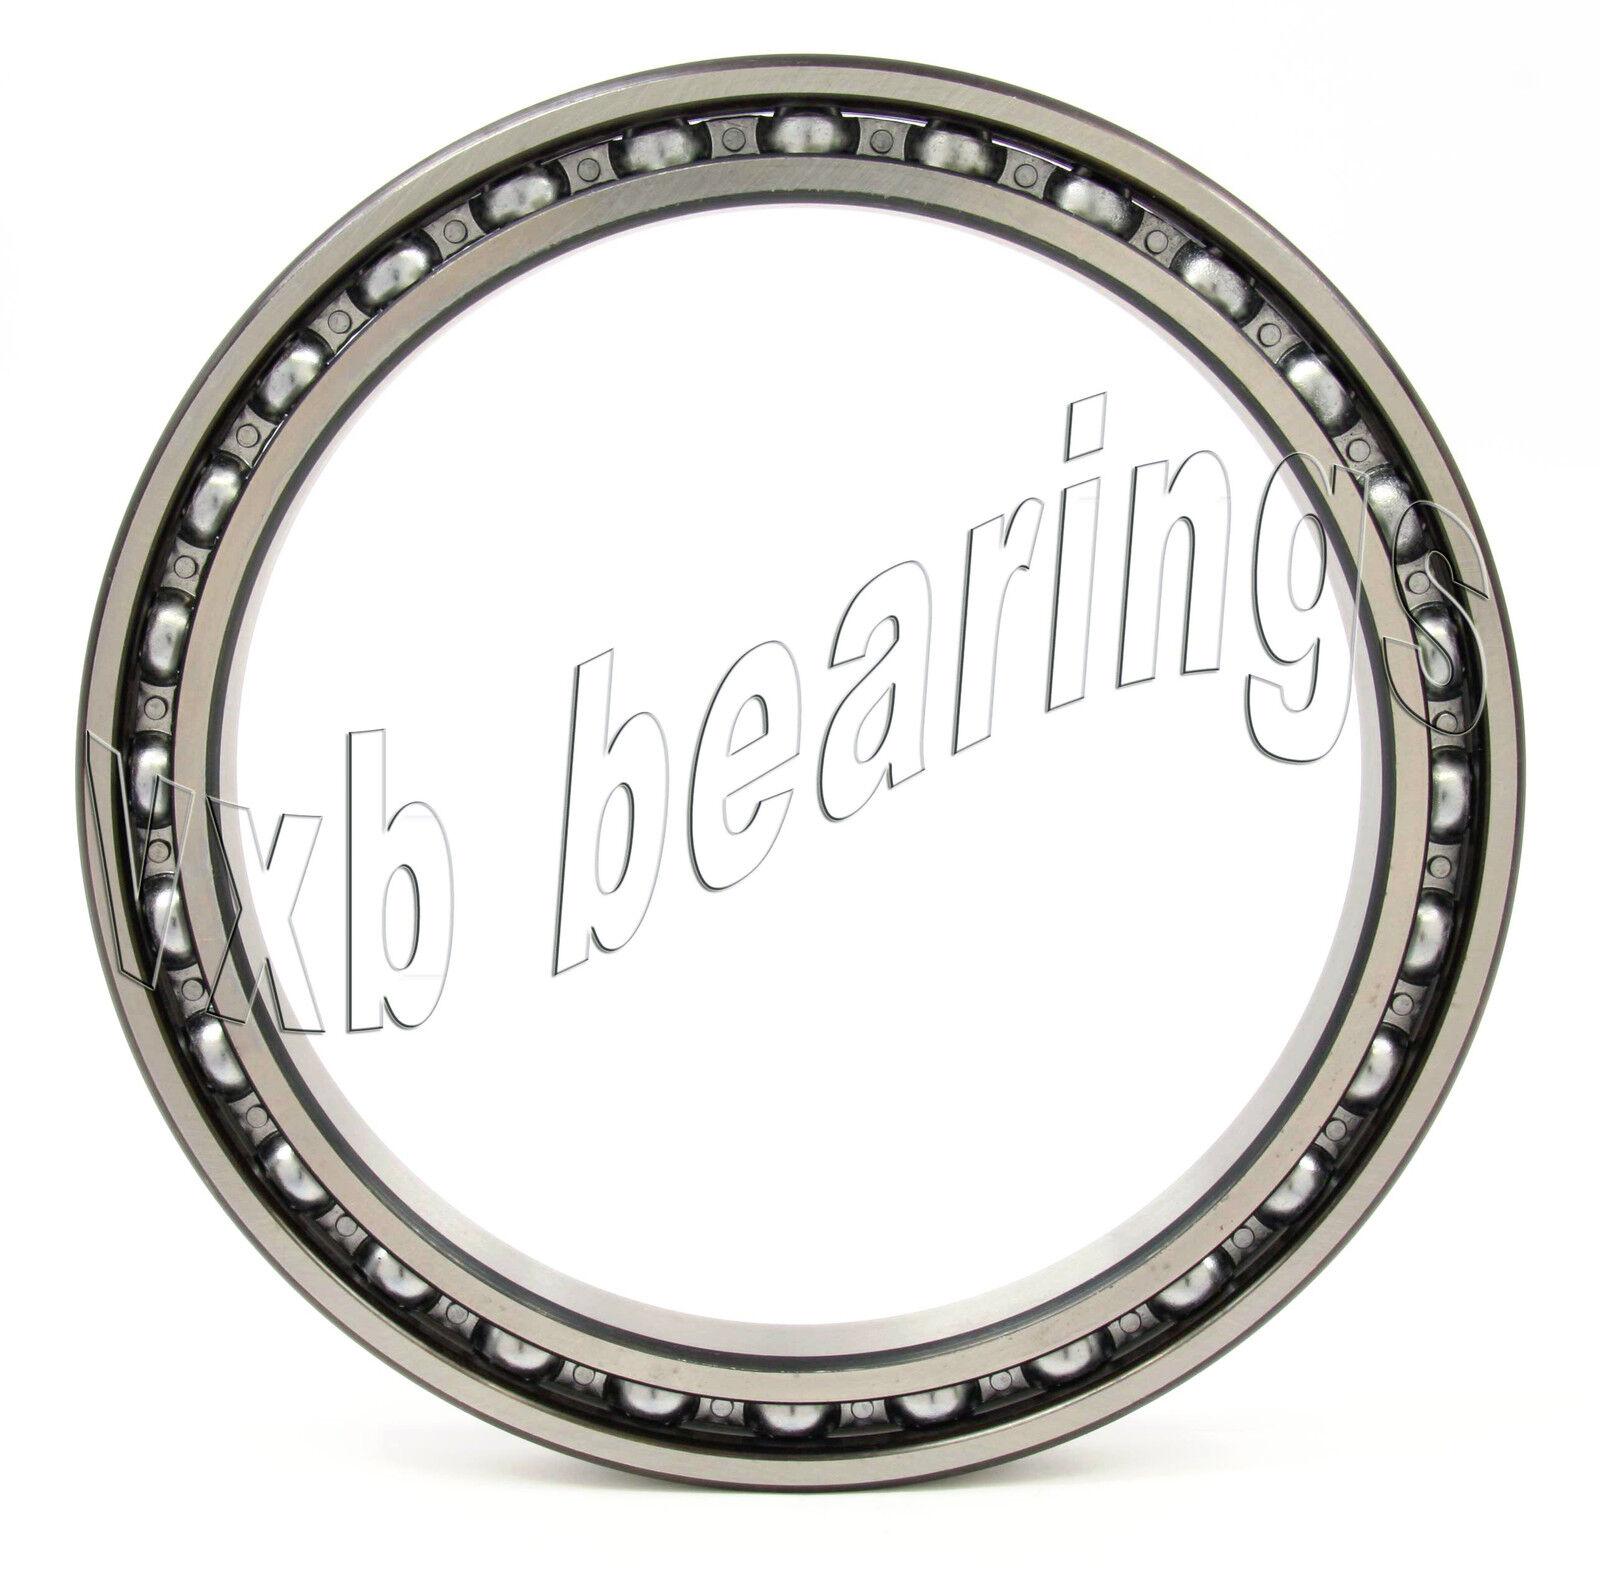 61815 Bearing 75x95x10 Open id=75mm od=95mm w=10mm